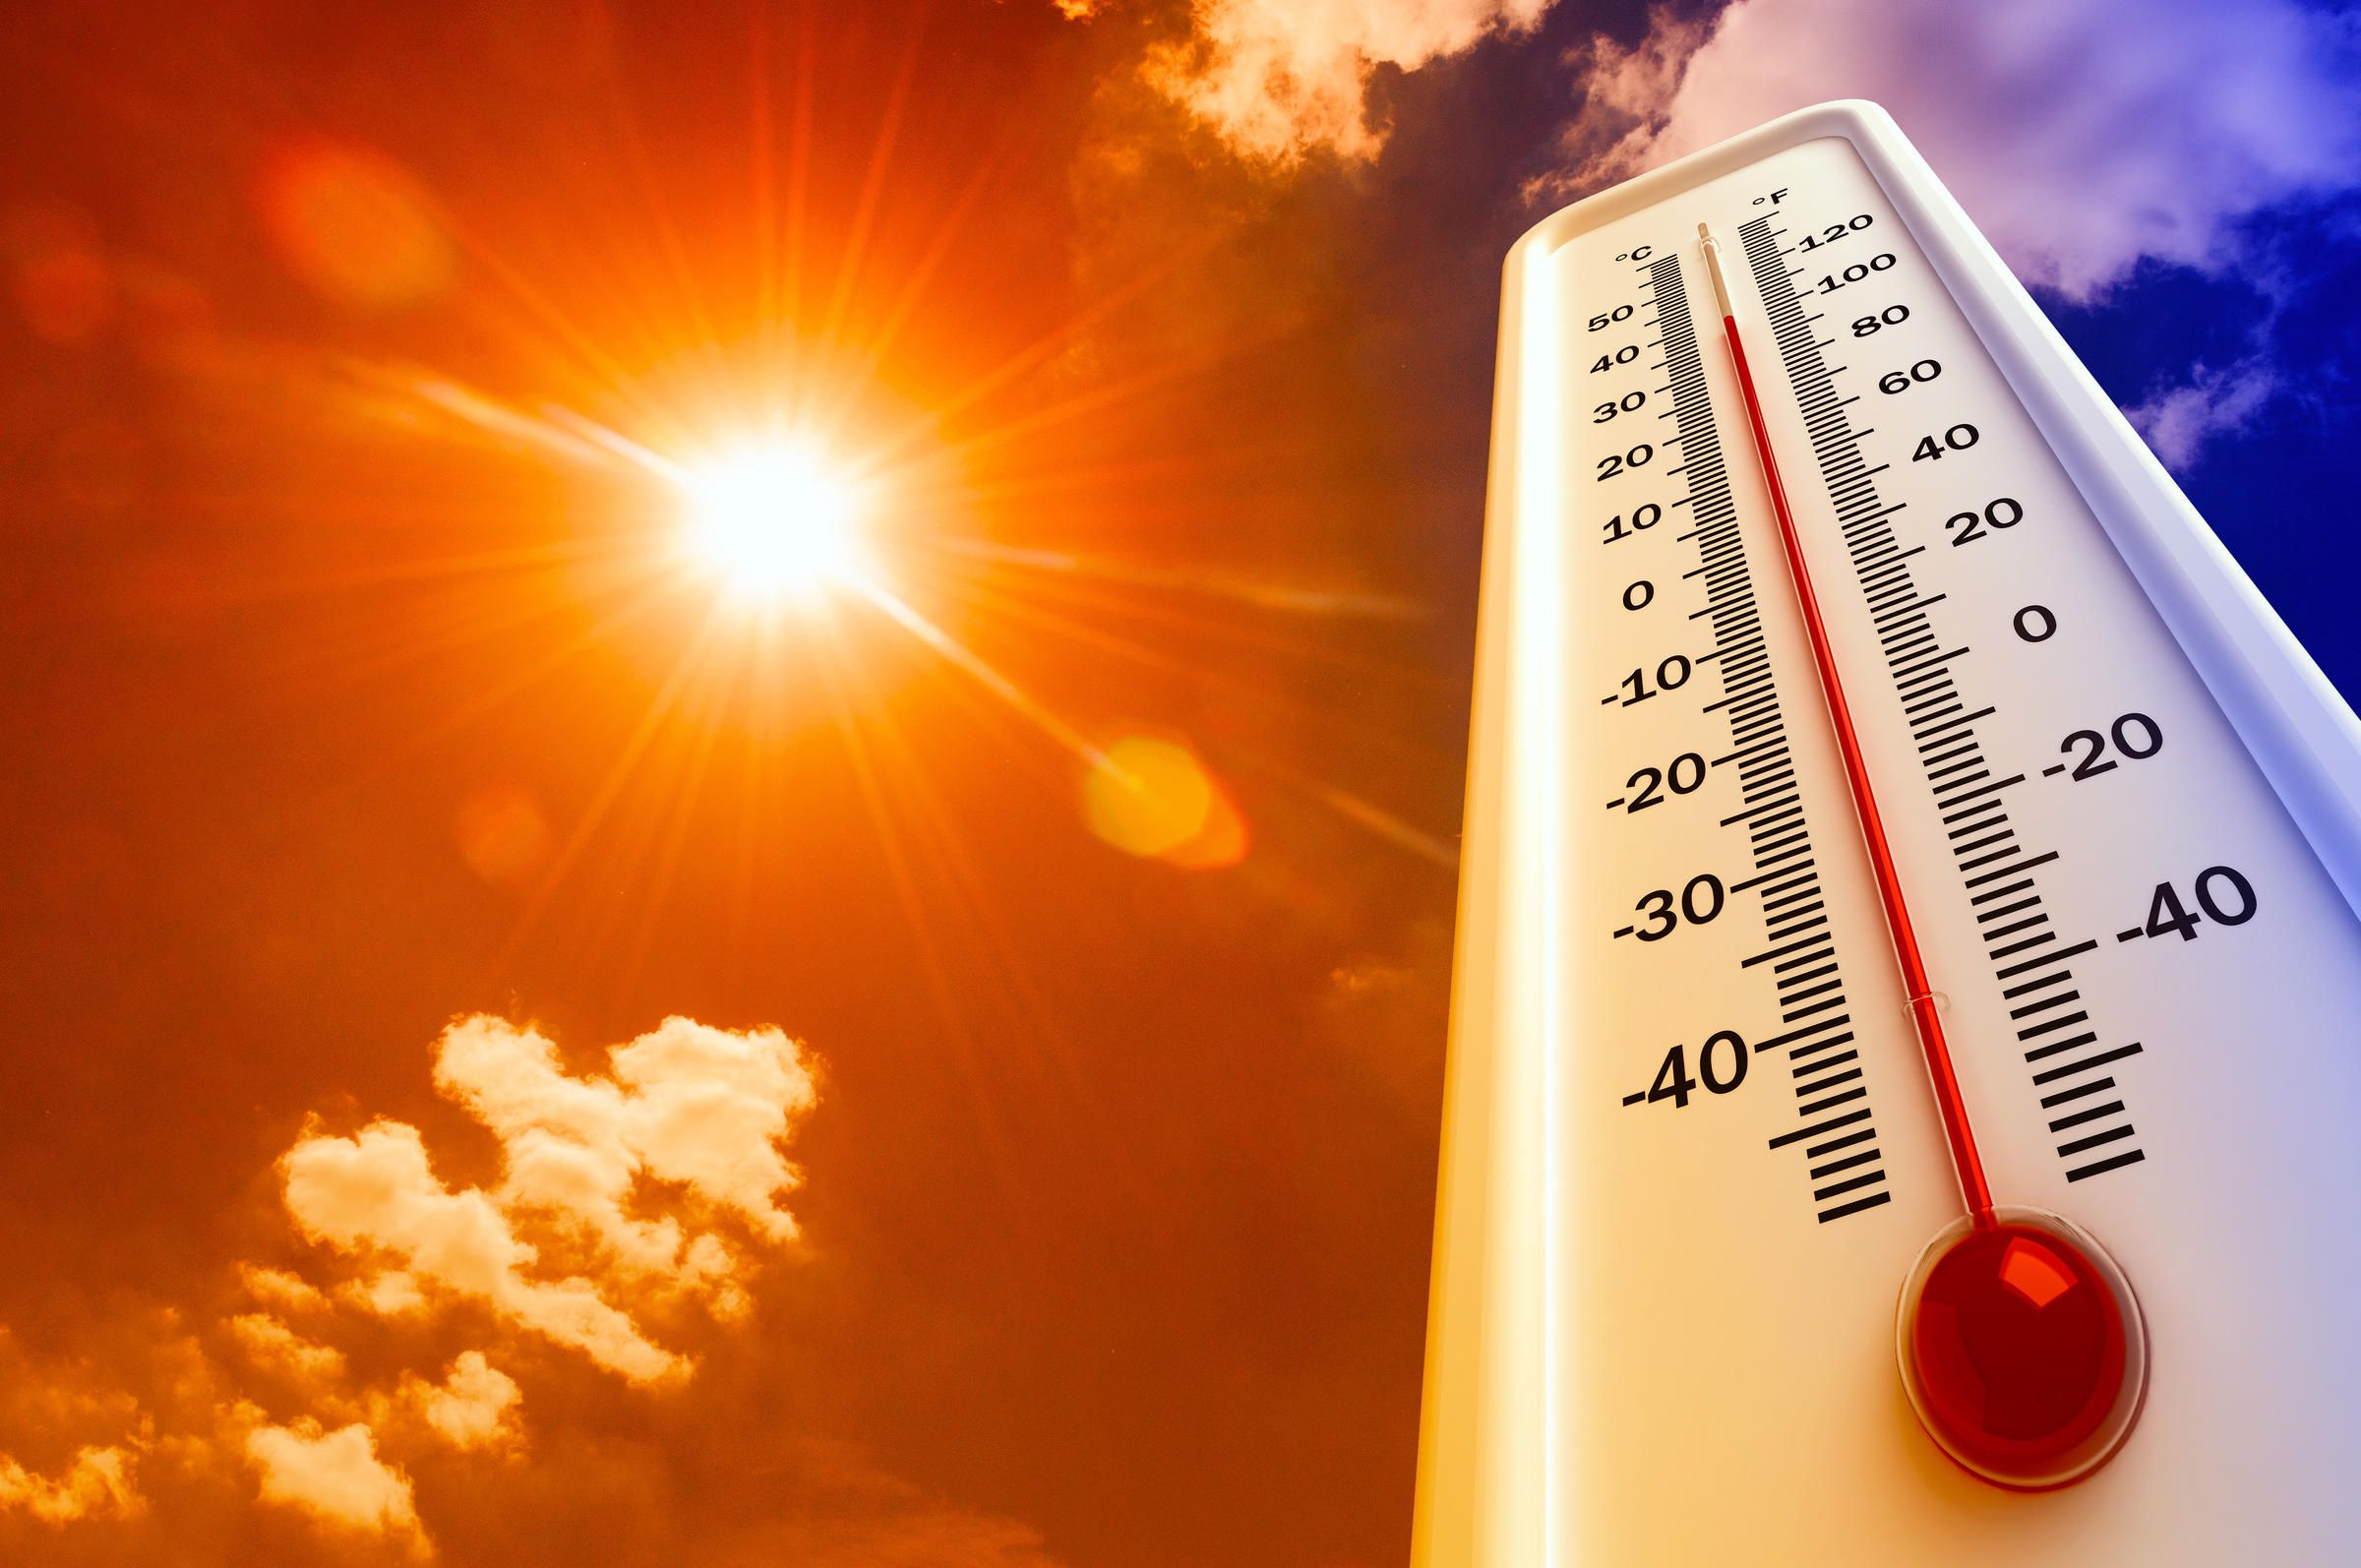 أجواء مشمسة ودرجات حرارة مرتفعة نهار اليوم